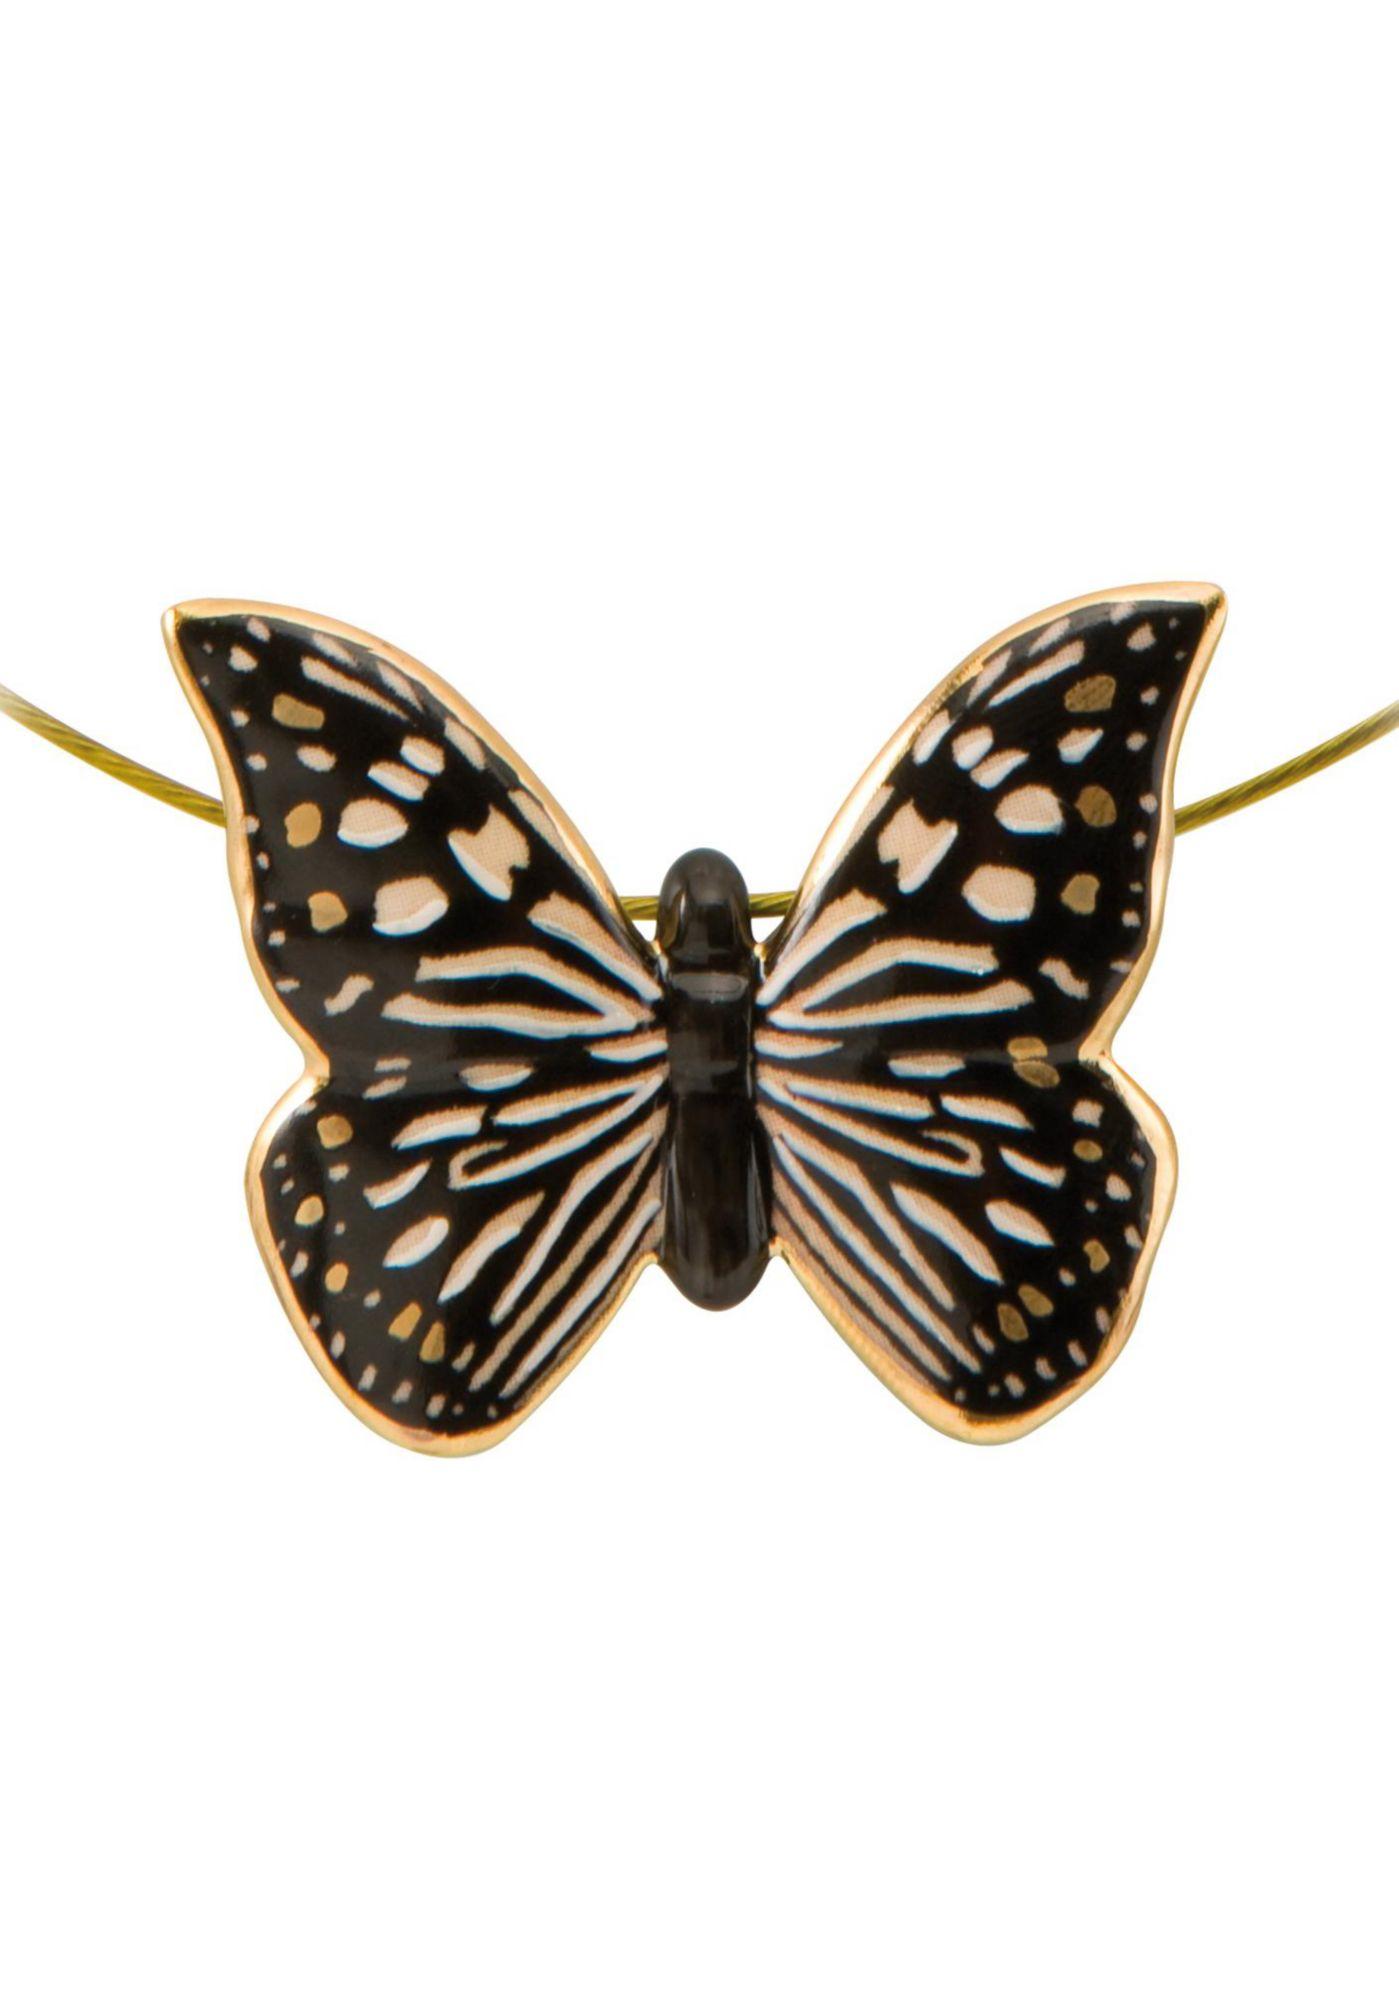 GOEBEL Goebel Kette mit Anhänger »Butterfly Black-White, Schmetterling, 26150481«